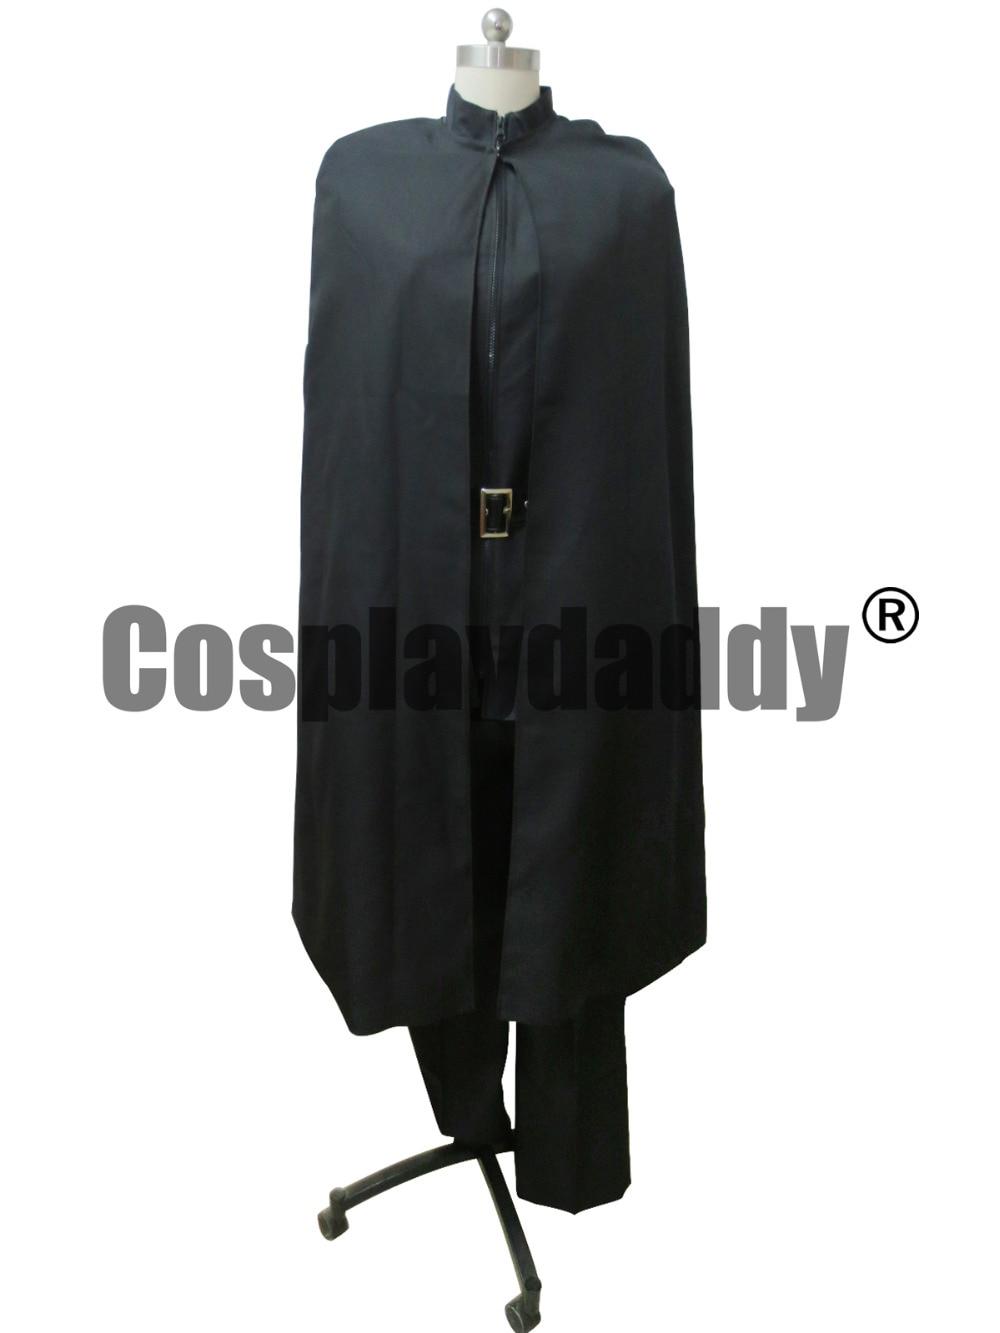 V FOR VENDETTA WEAVING V BLACK Cosplay COSTUME AND CAPE